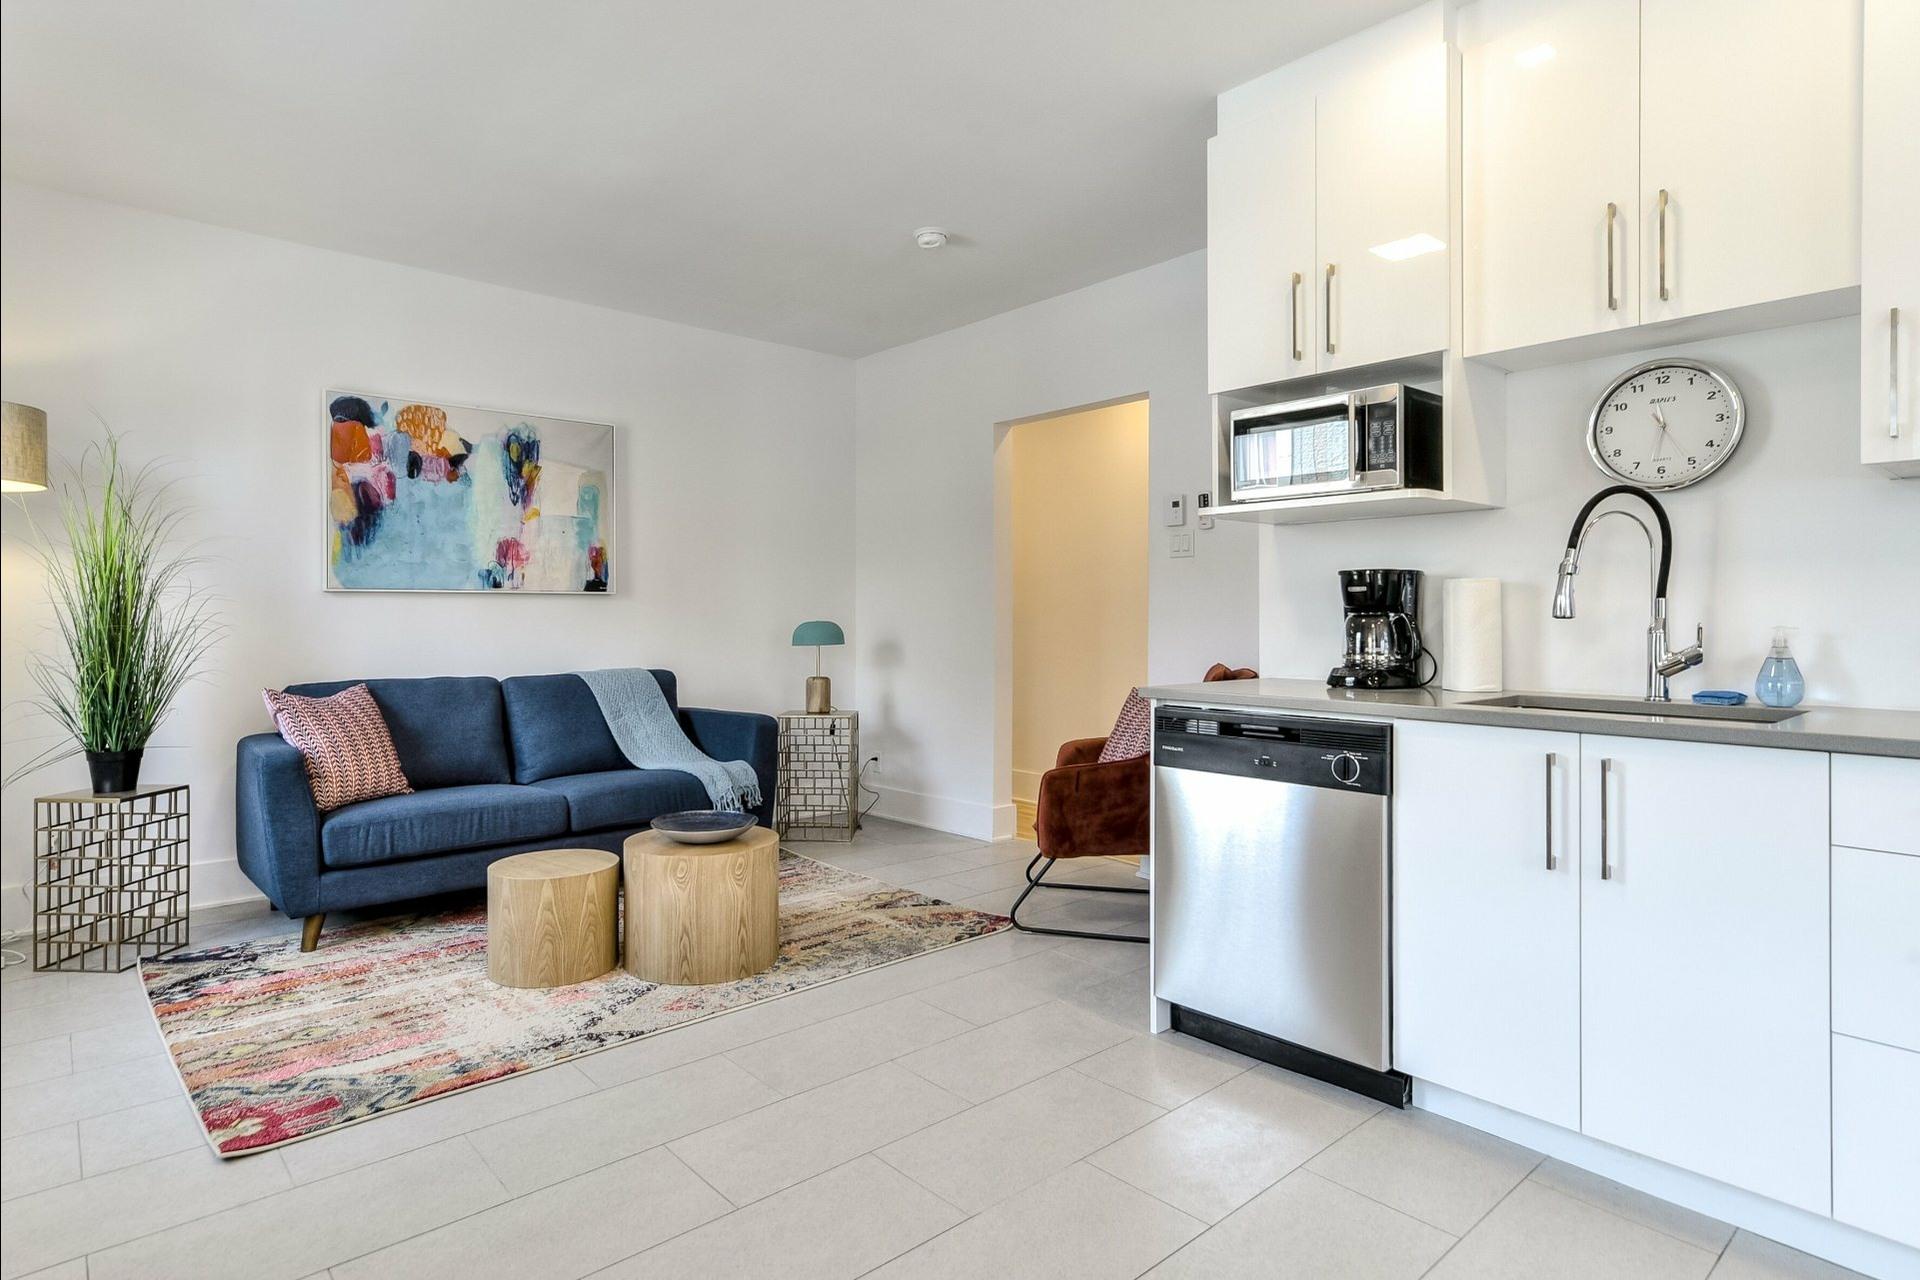 image 10 - Immeuble à revenus À vendre Montréal Villeray/Saint-Michel/Parc-Extension  - 3 pièces